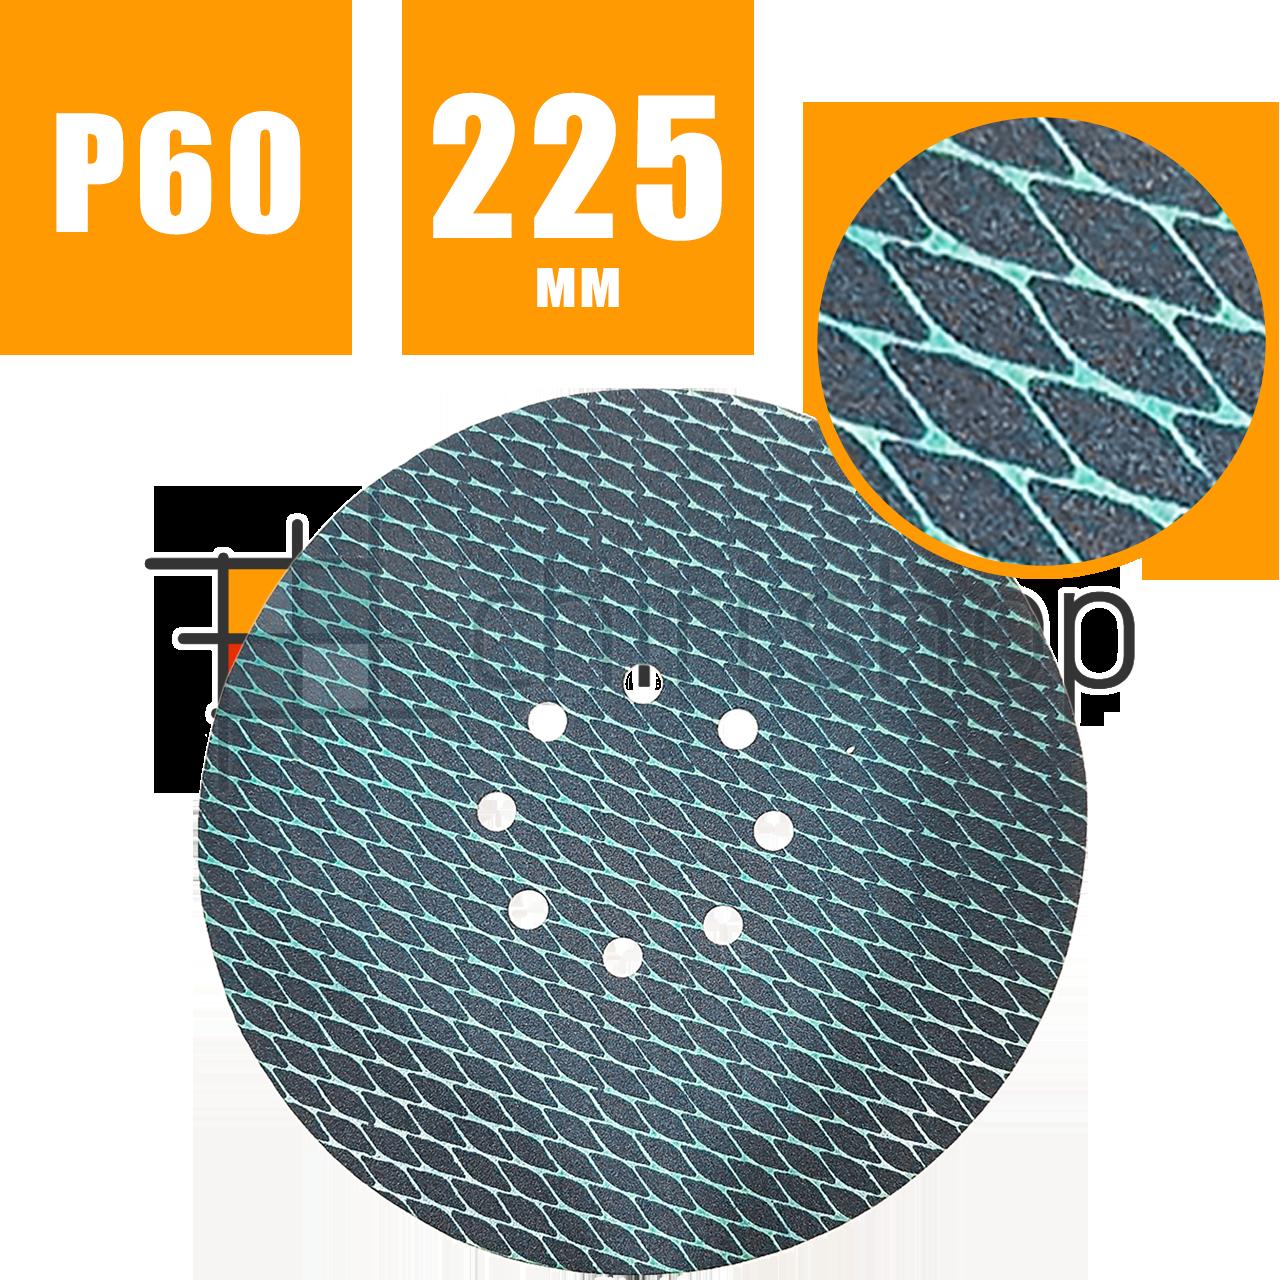 Шлифовальный круг 225 мм ромбовидный, наждачный круг на липучке с отверстиями, наждачка для шлифмашины жираф